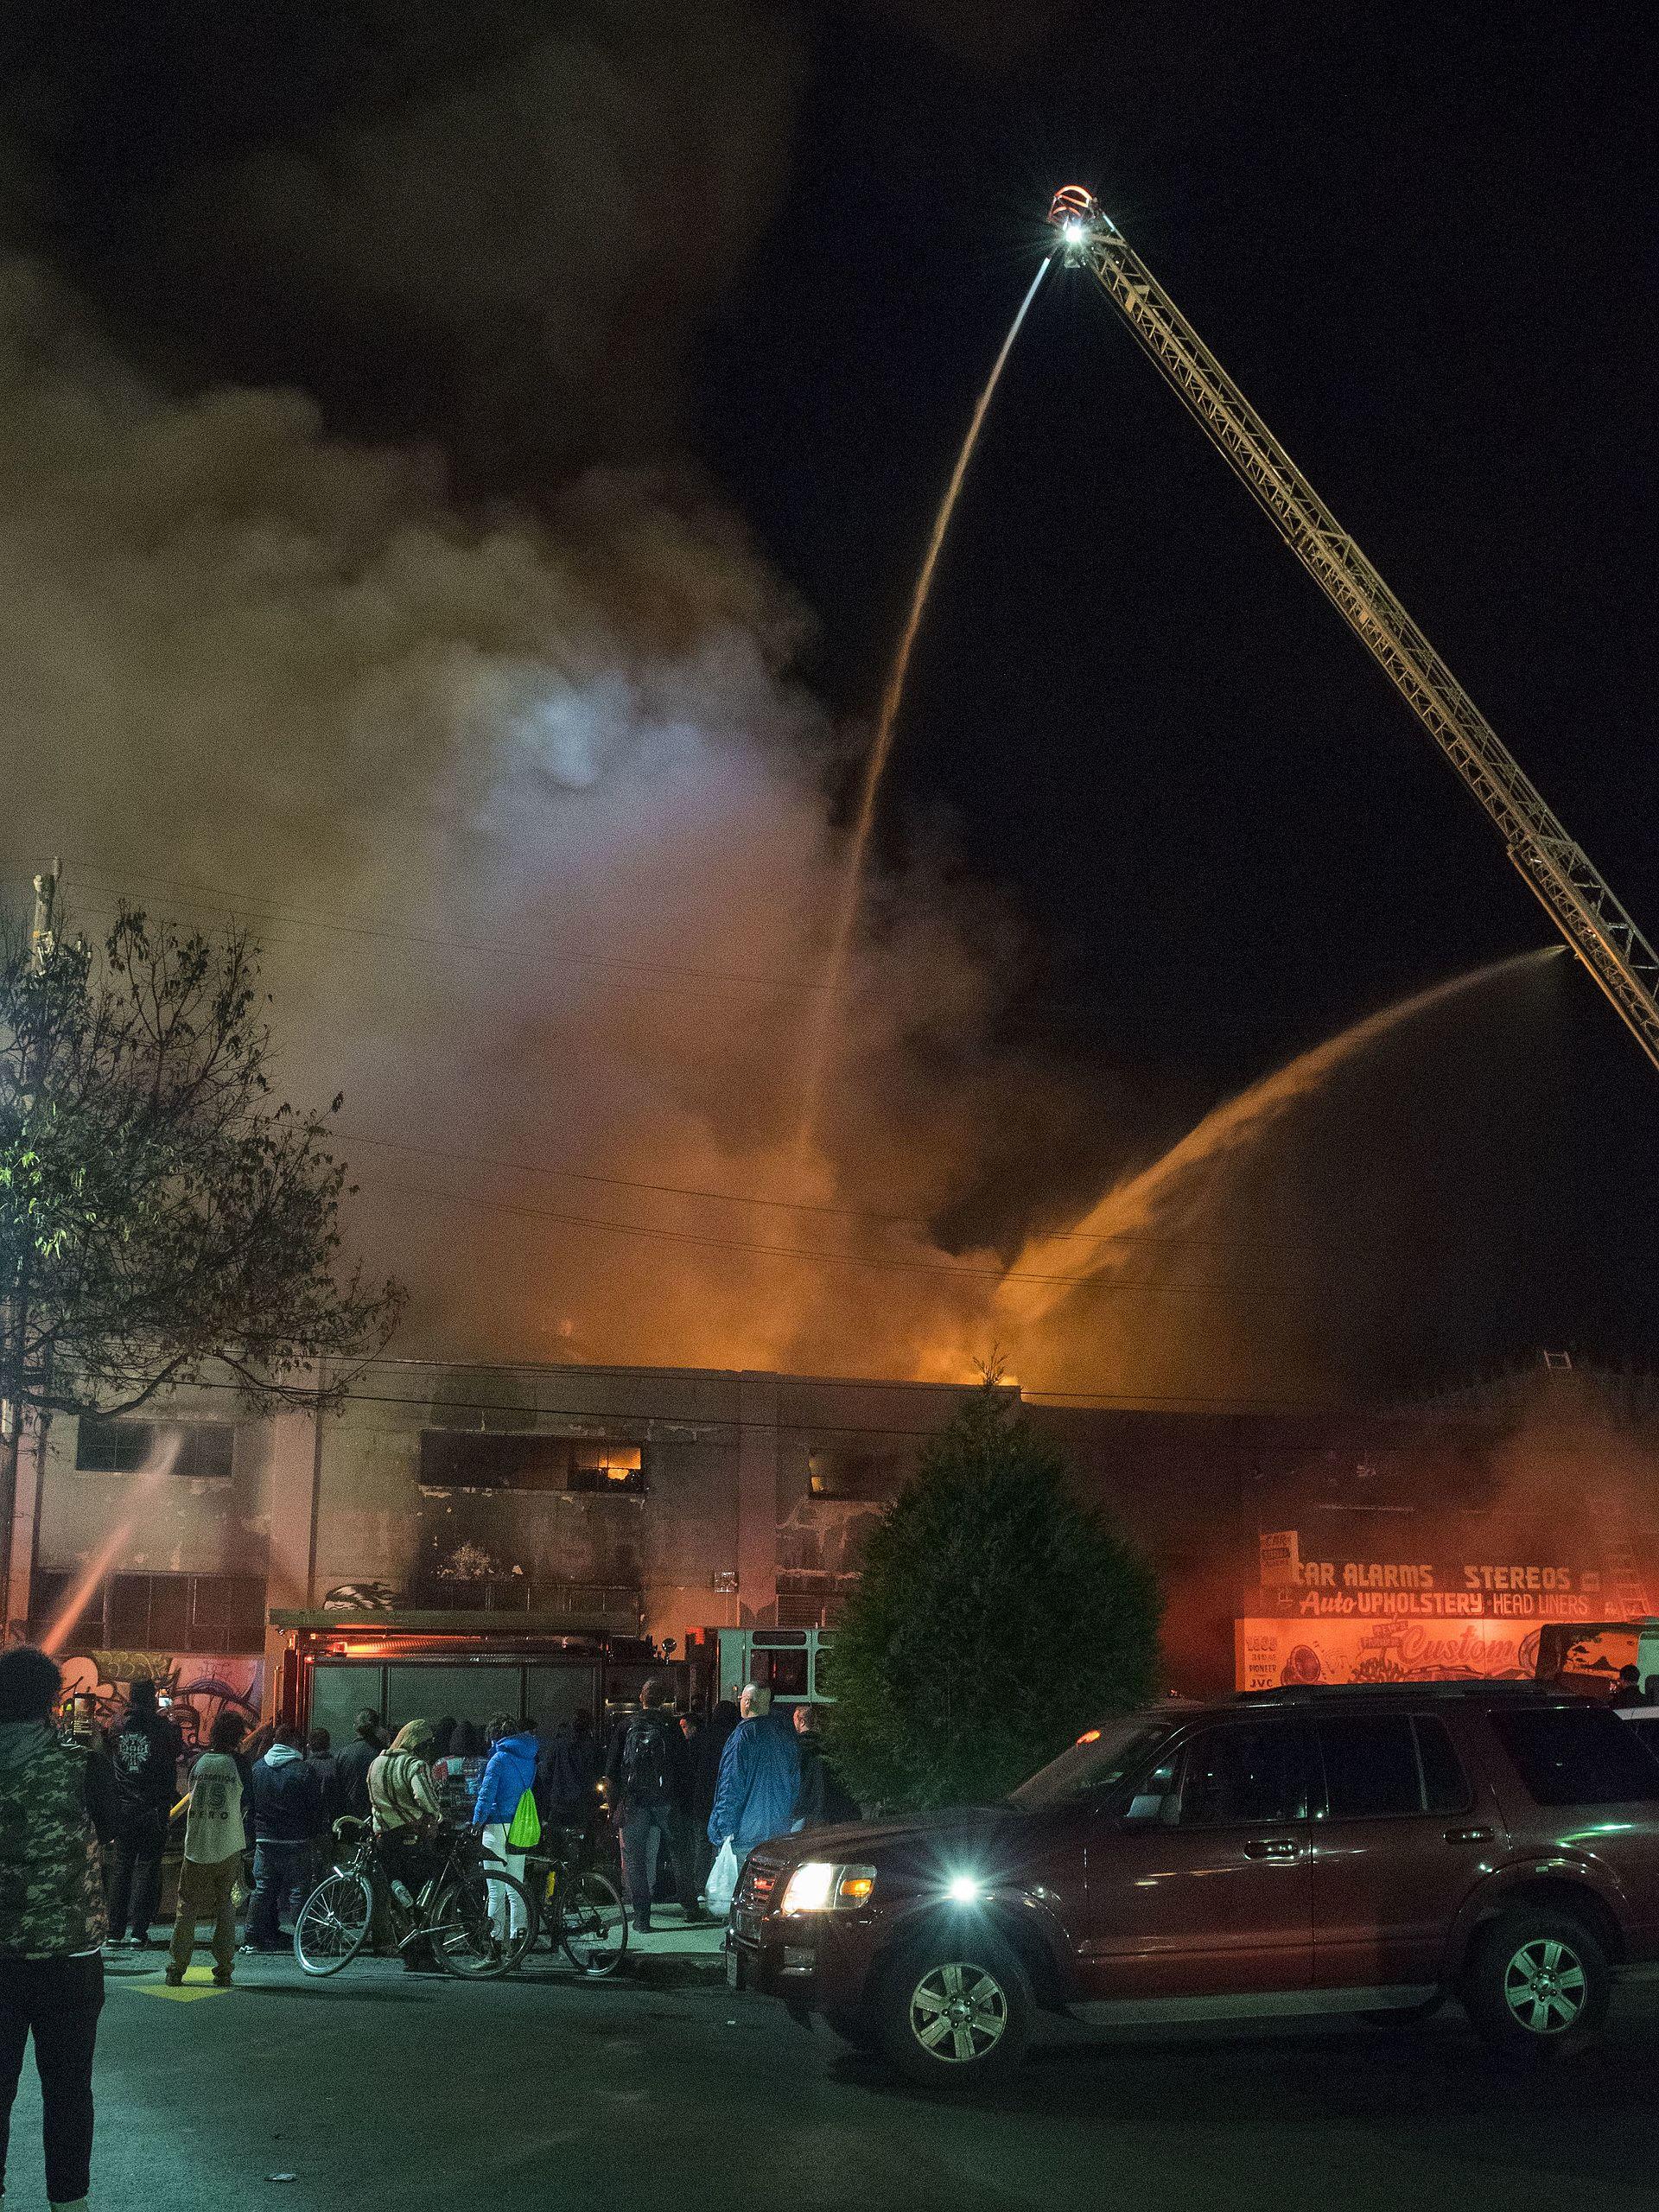 2016 Oakland warehouse fire  Wikipedia